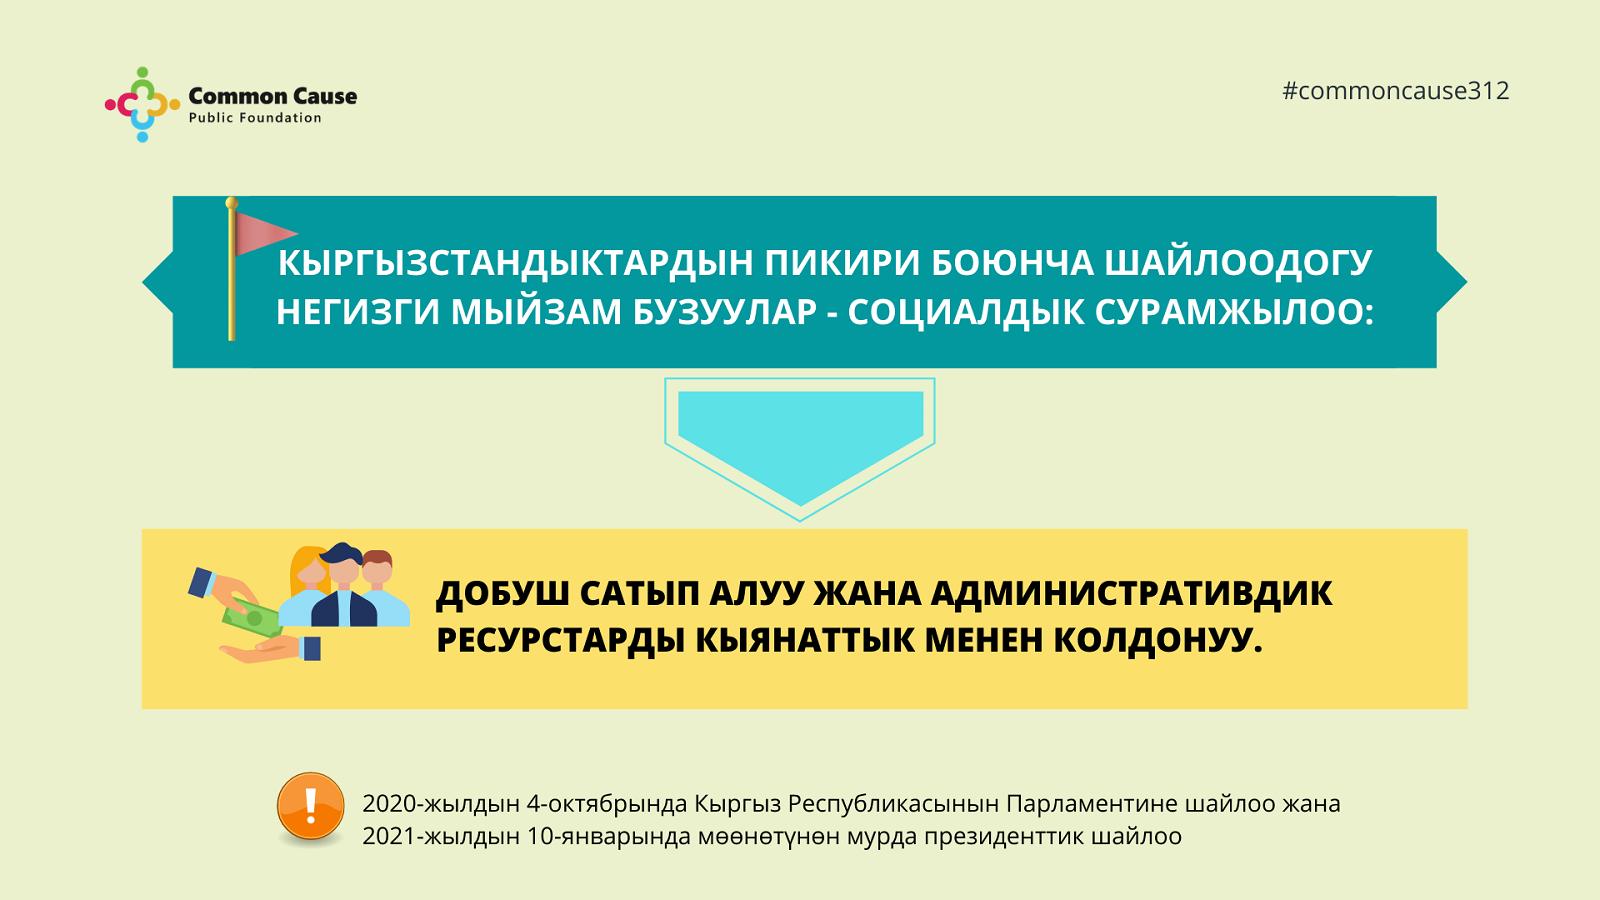 Добуш сатып алуу жана административдик ресурстарды кыянаттык менен пайдалануу жөнүндө Кыргызстандын жарандарынын  ойлору боюнча сурамжылоонун жыйынтыгын «Жалпы иш» коомдук фонду сунуштады.